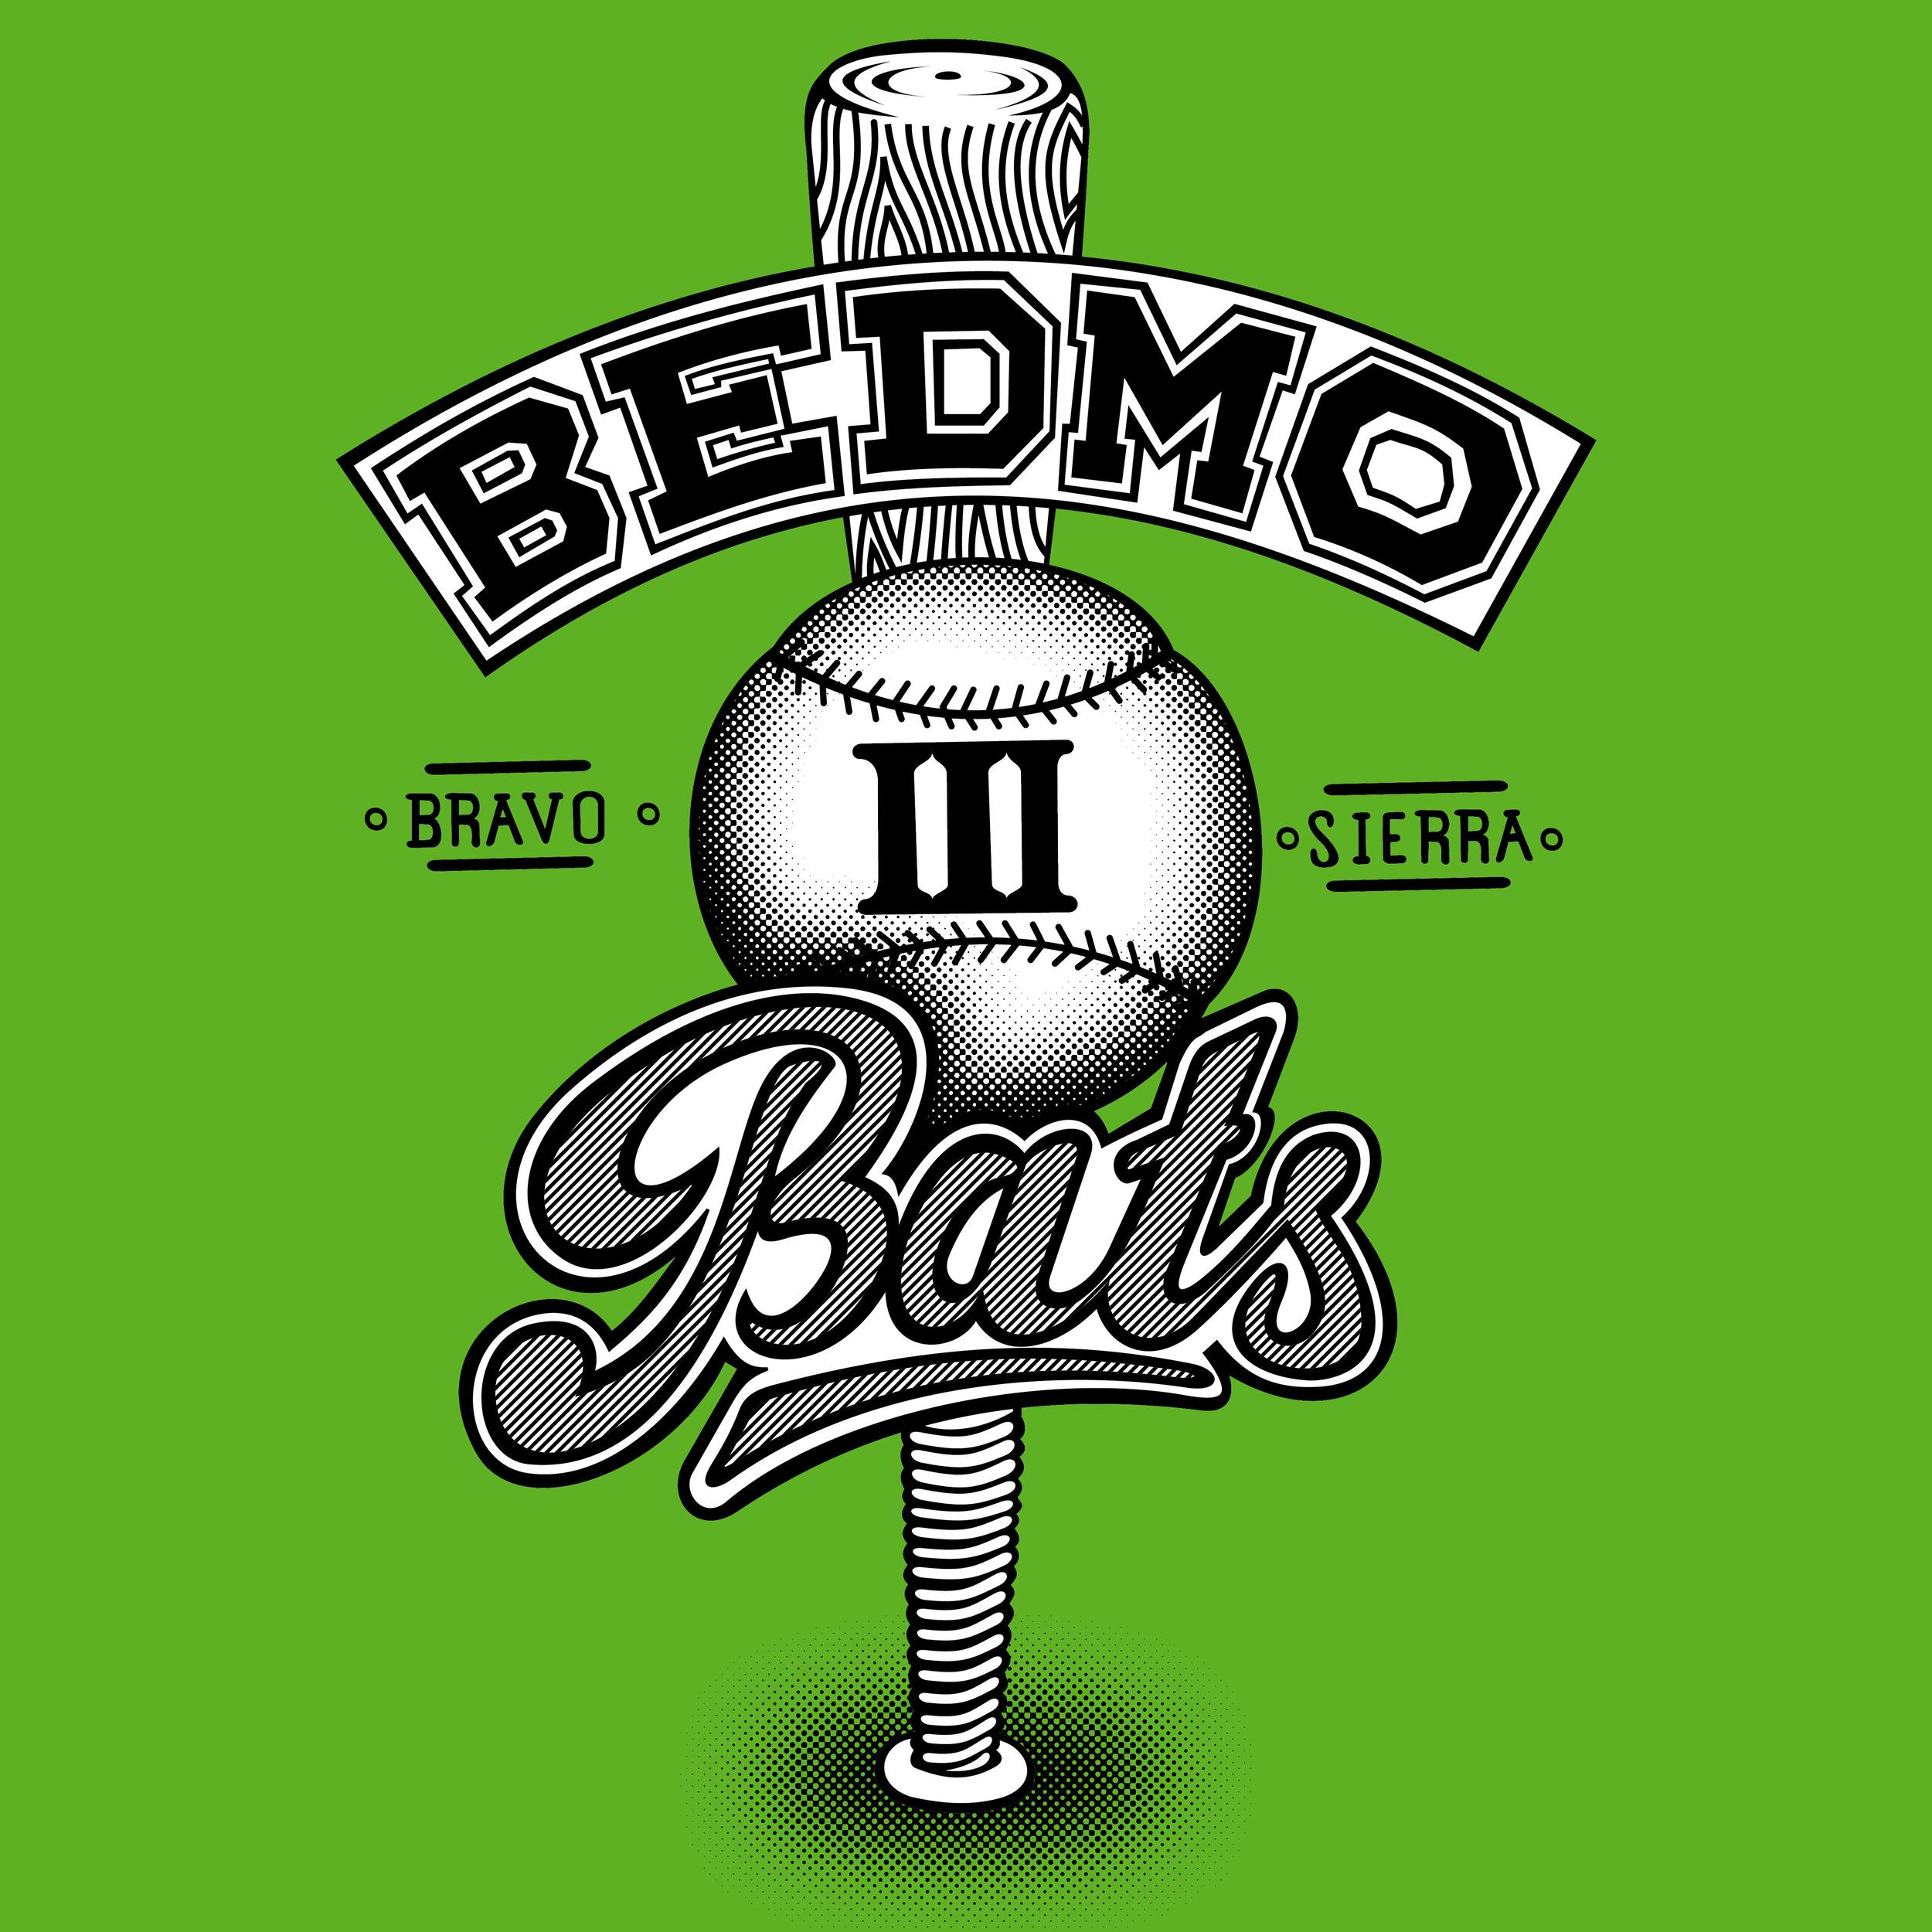 Bedmo Bats (2014)